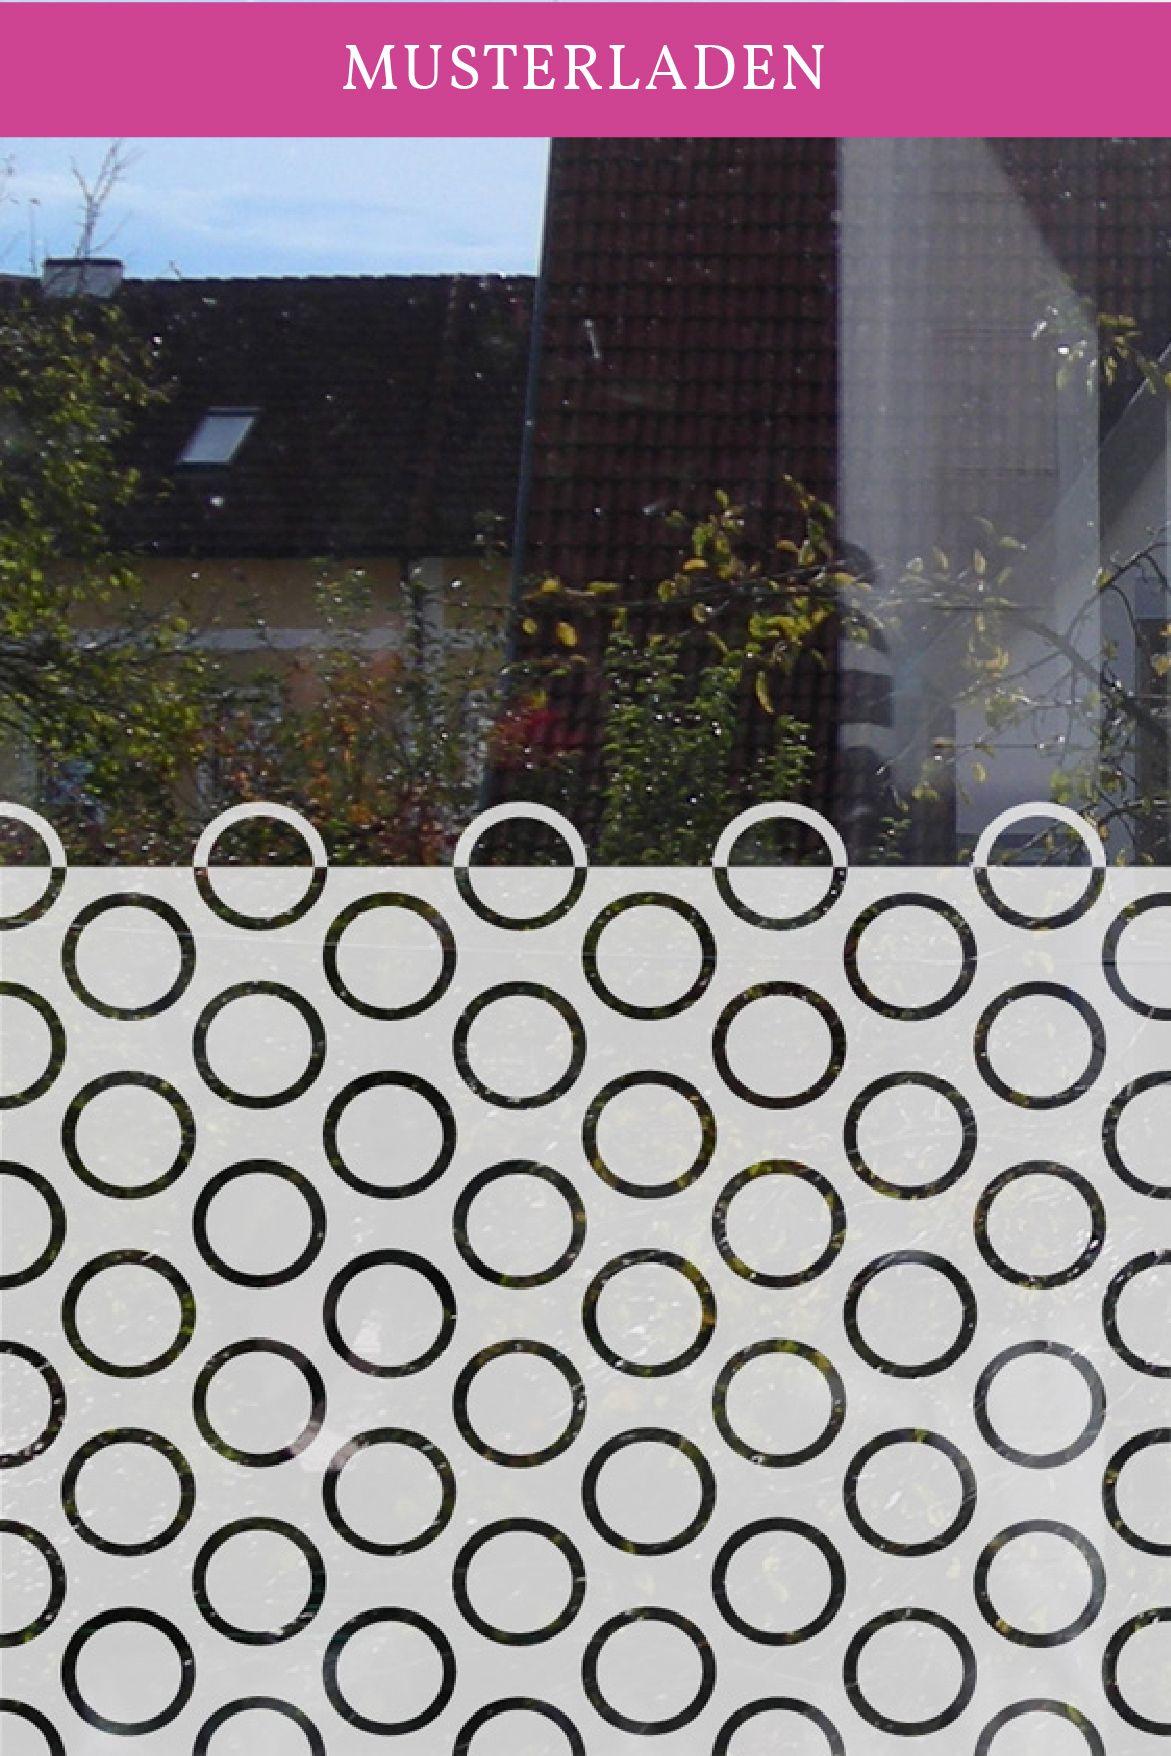 Dekorative Folien Fur Fenster Die Neben Gestaltung Auch Sichtschutz Bieten Sichtschutz Fenster Folie Fens Mit Bildern Folie Fur Fenster Fensteraufkleber Fensterfolie